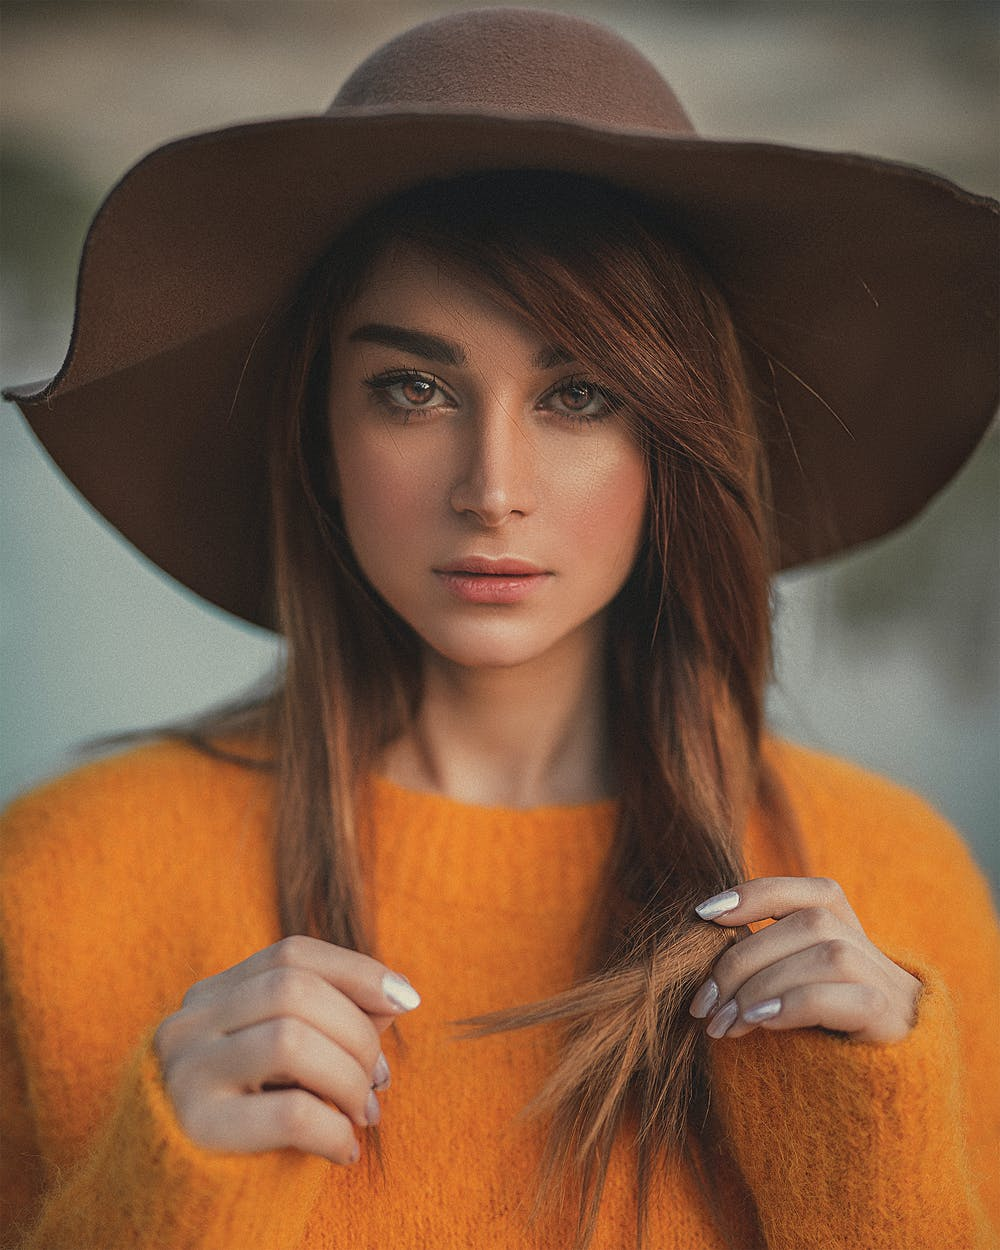 Woman wearing orange sweater   Photo: Pexels